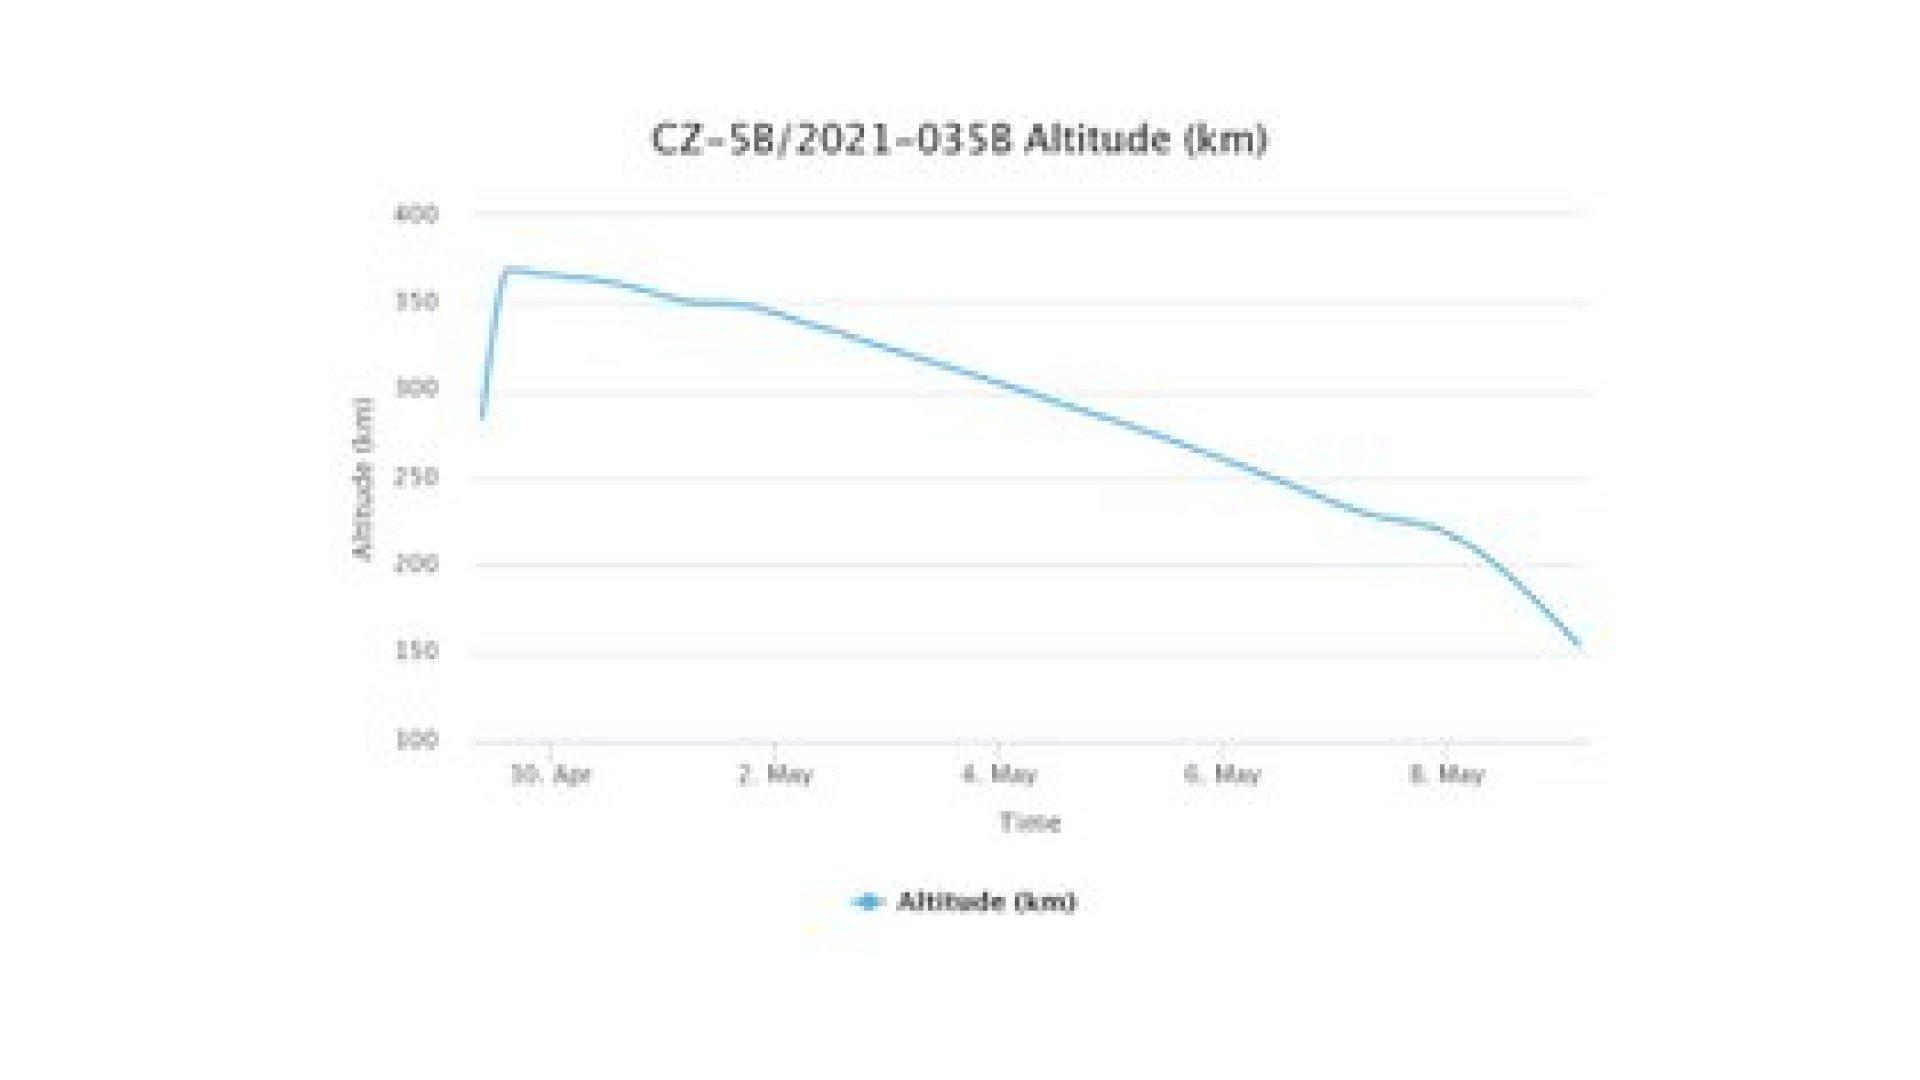 Este gráfico muestra cómo ha ido descendiendo en altitud el cohete (Crédito: Orbiting Now)